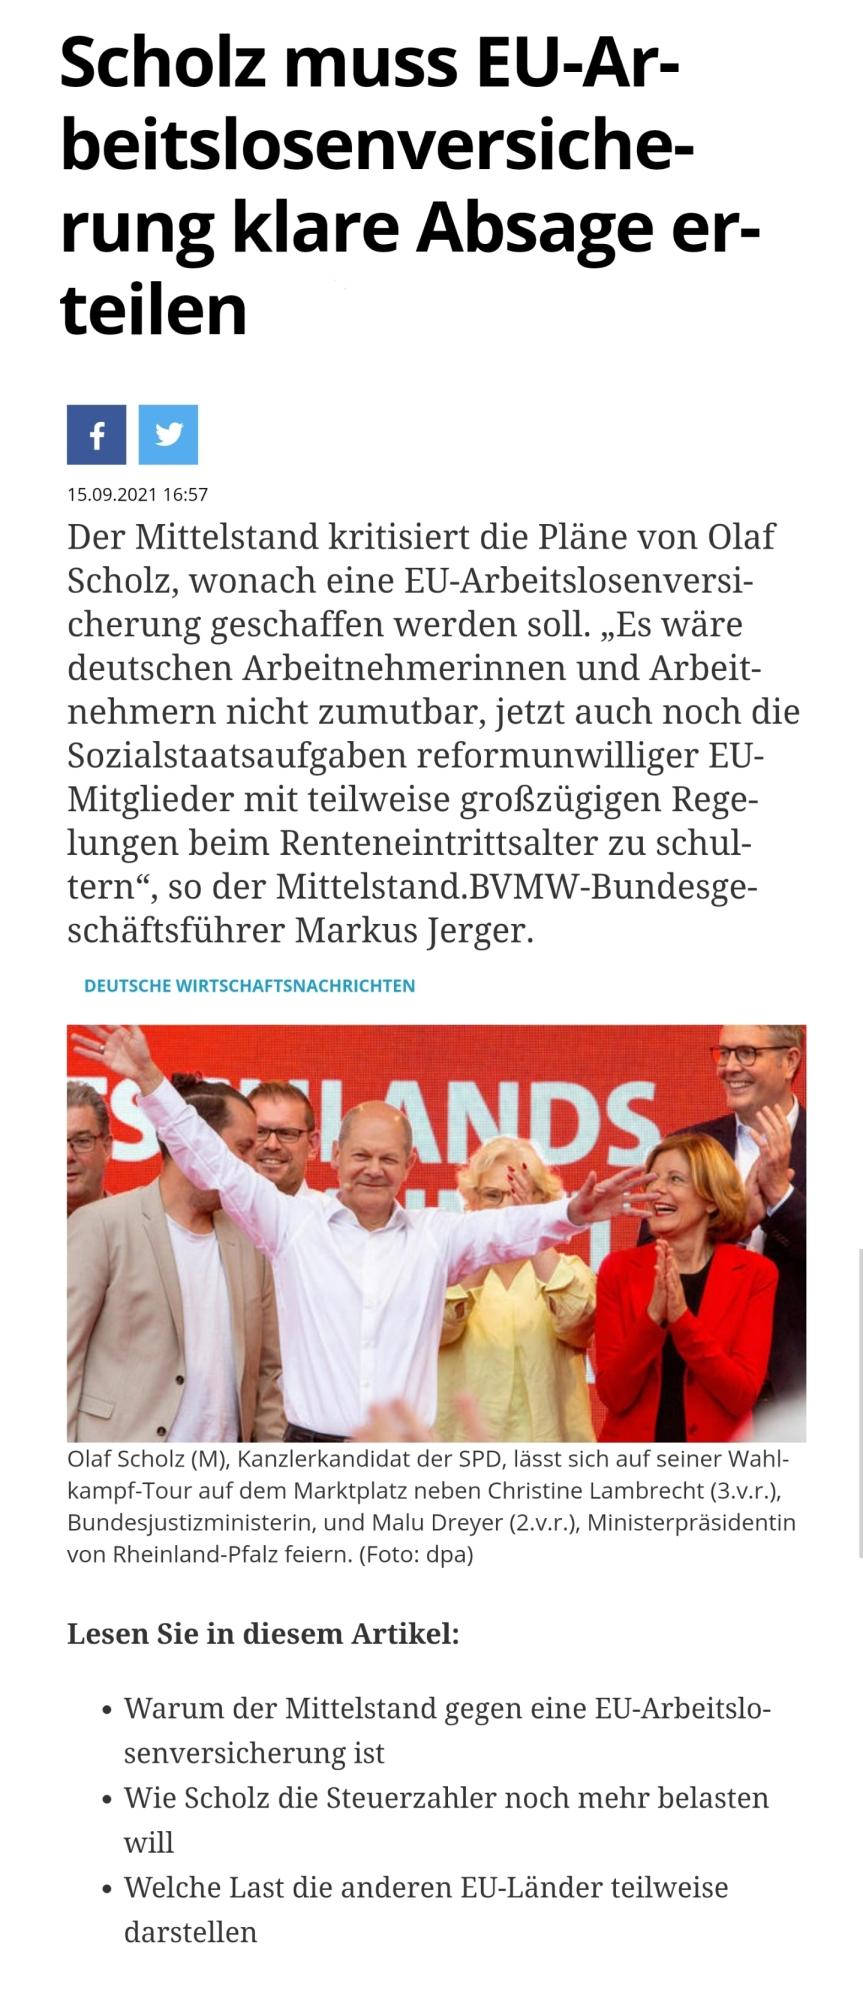 Deutsche Wirtschafts Nachrichten : Scholz muss EU-Arbeitslosenversicherung klare Absageerteilen